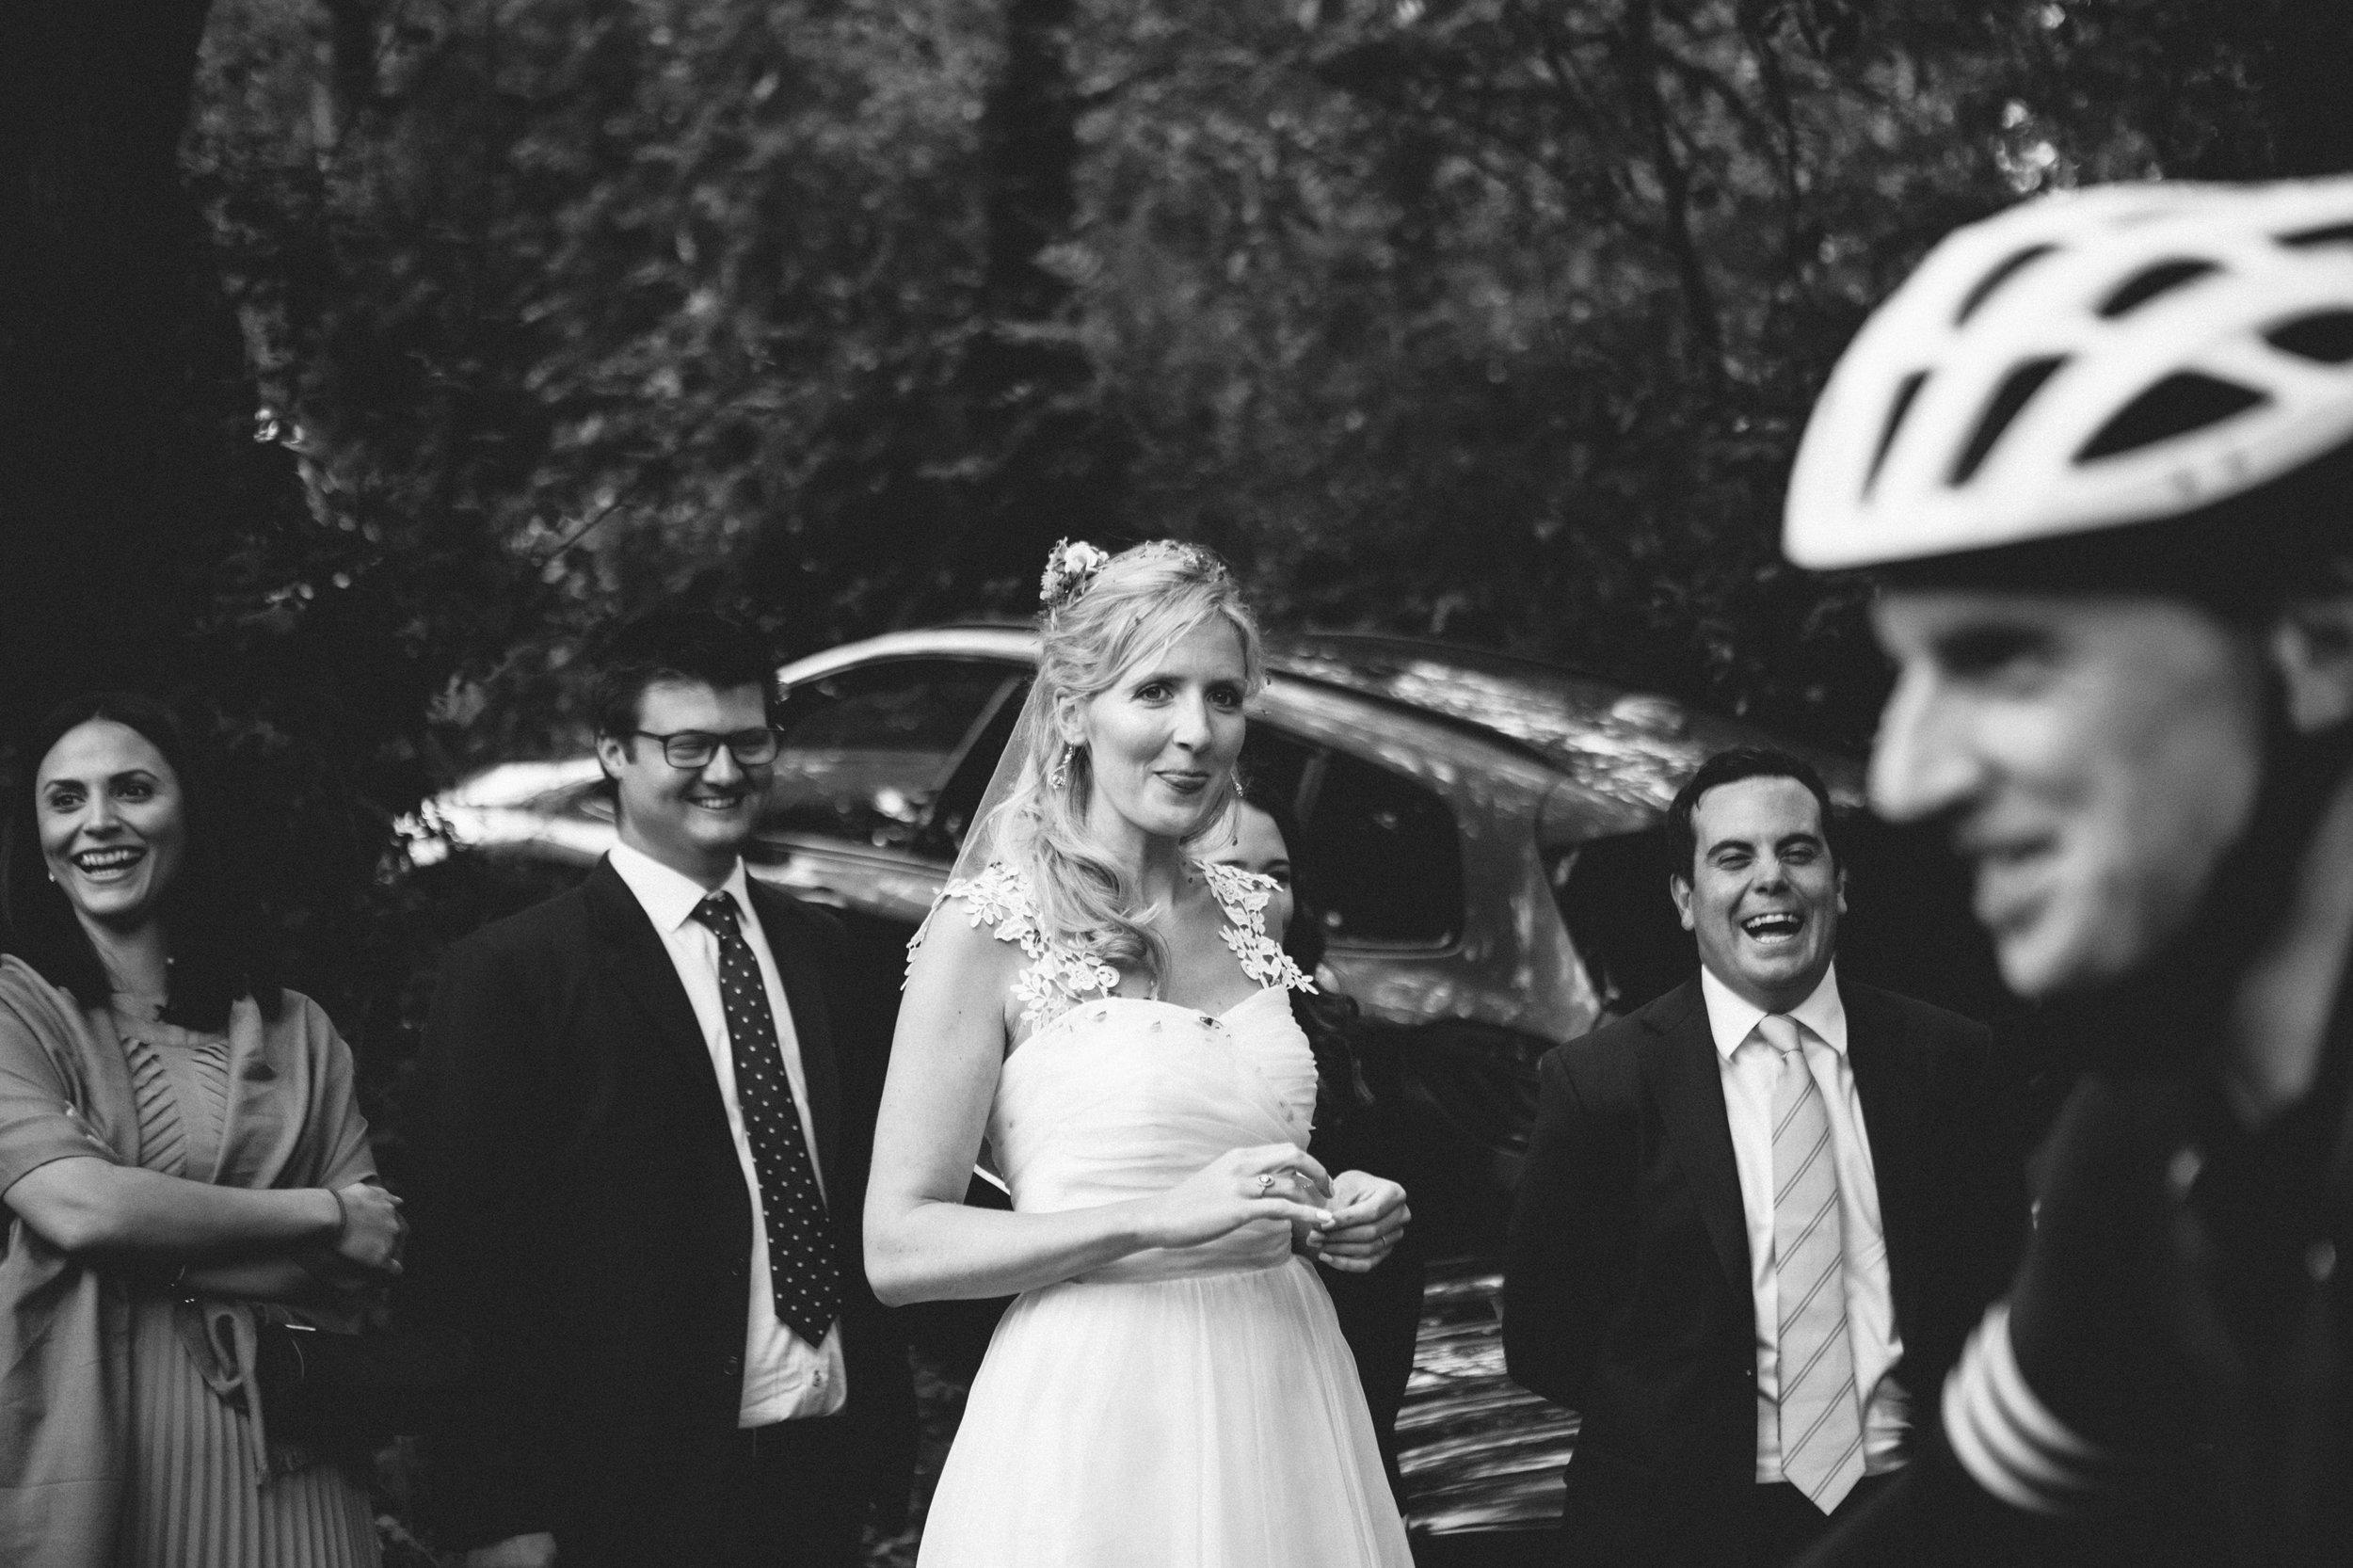 uk wedding photographer artistic wedding photography-77.jpg